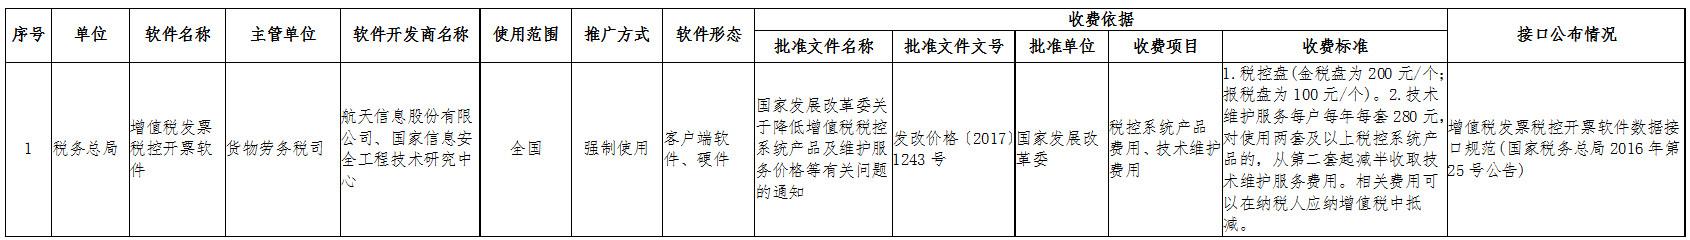 国家税务总局上海市税务局涉企软件汇总明细表-收费软件